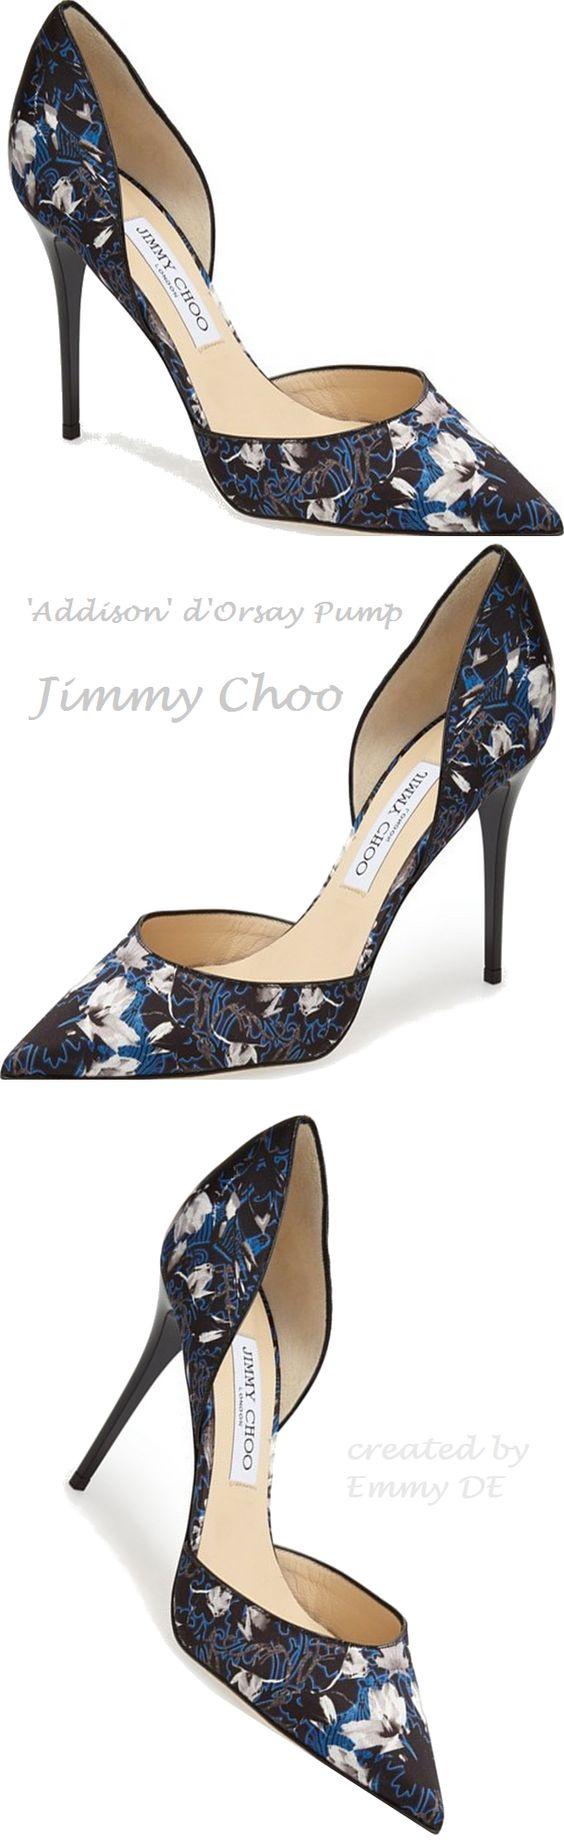 Emmy DE * Jimmy Choo 'Addison'